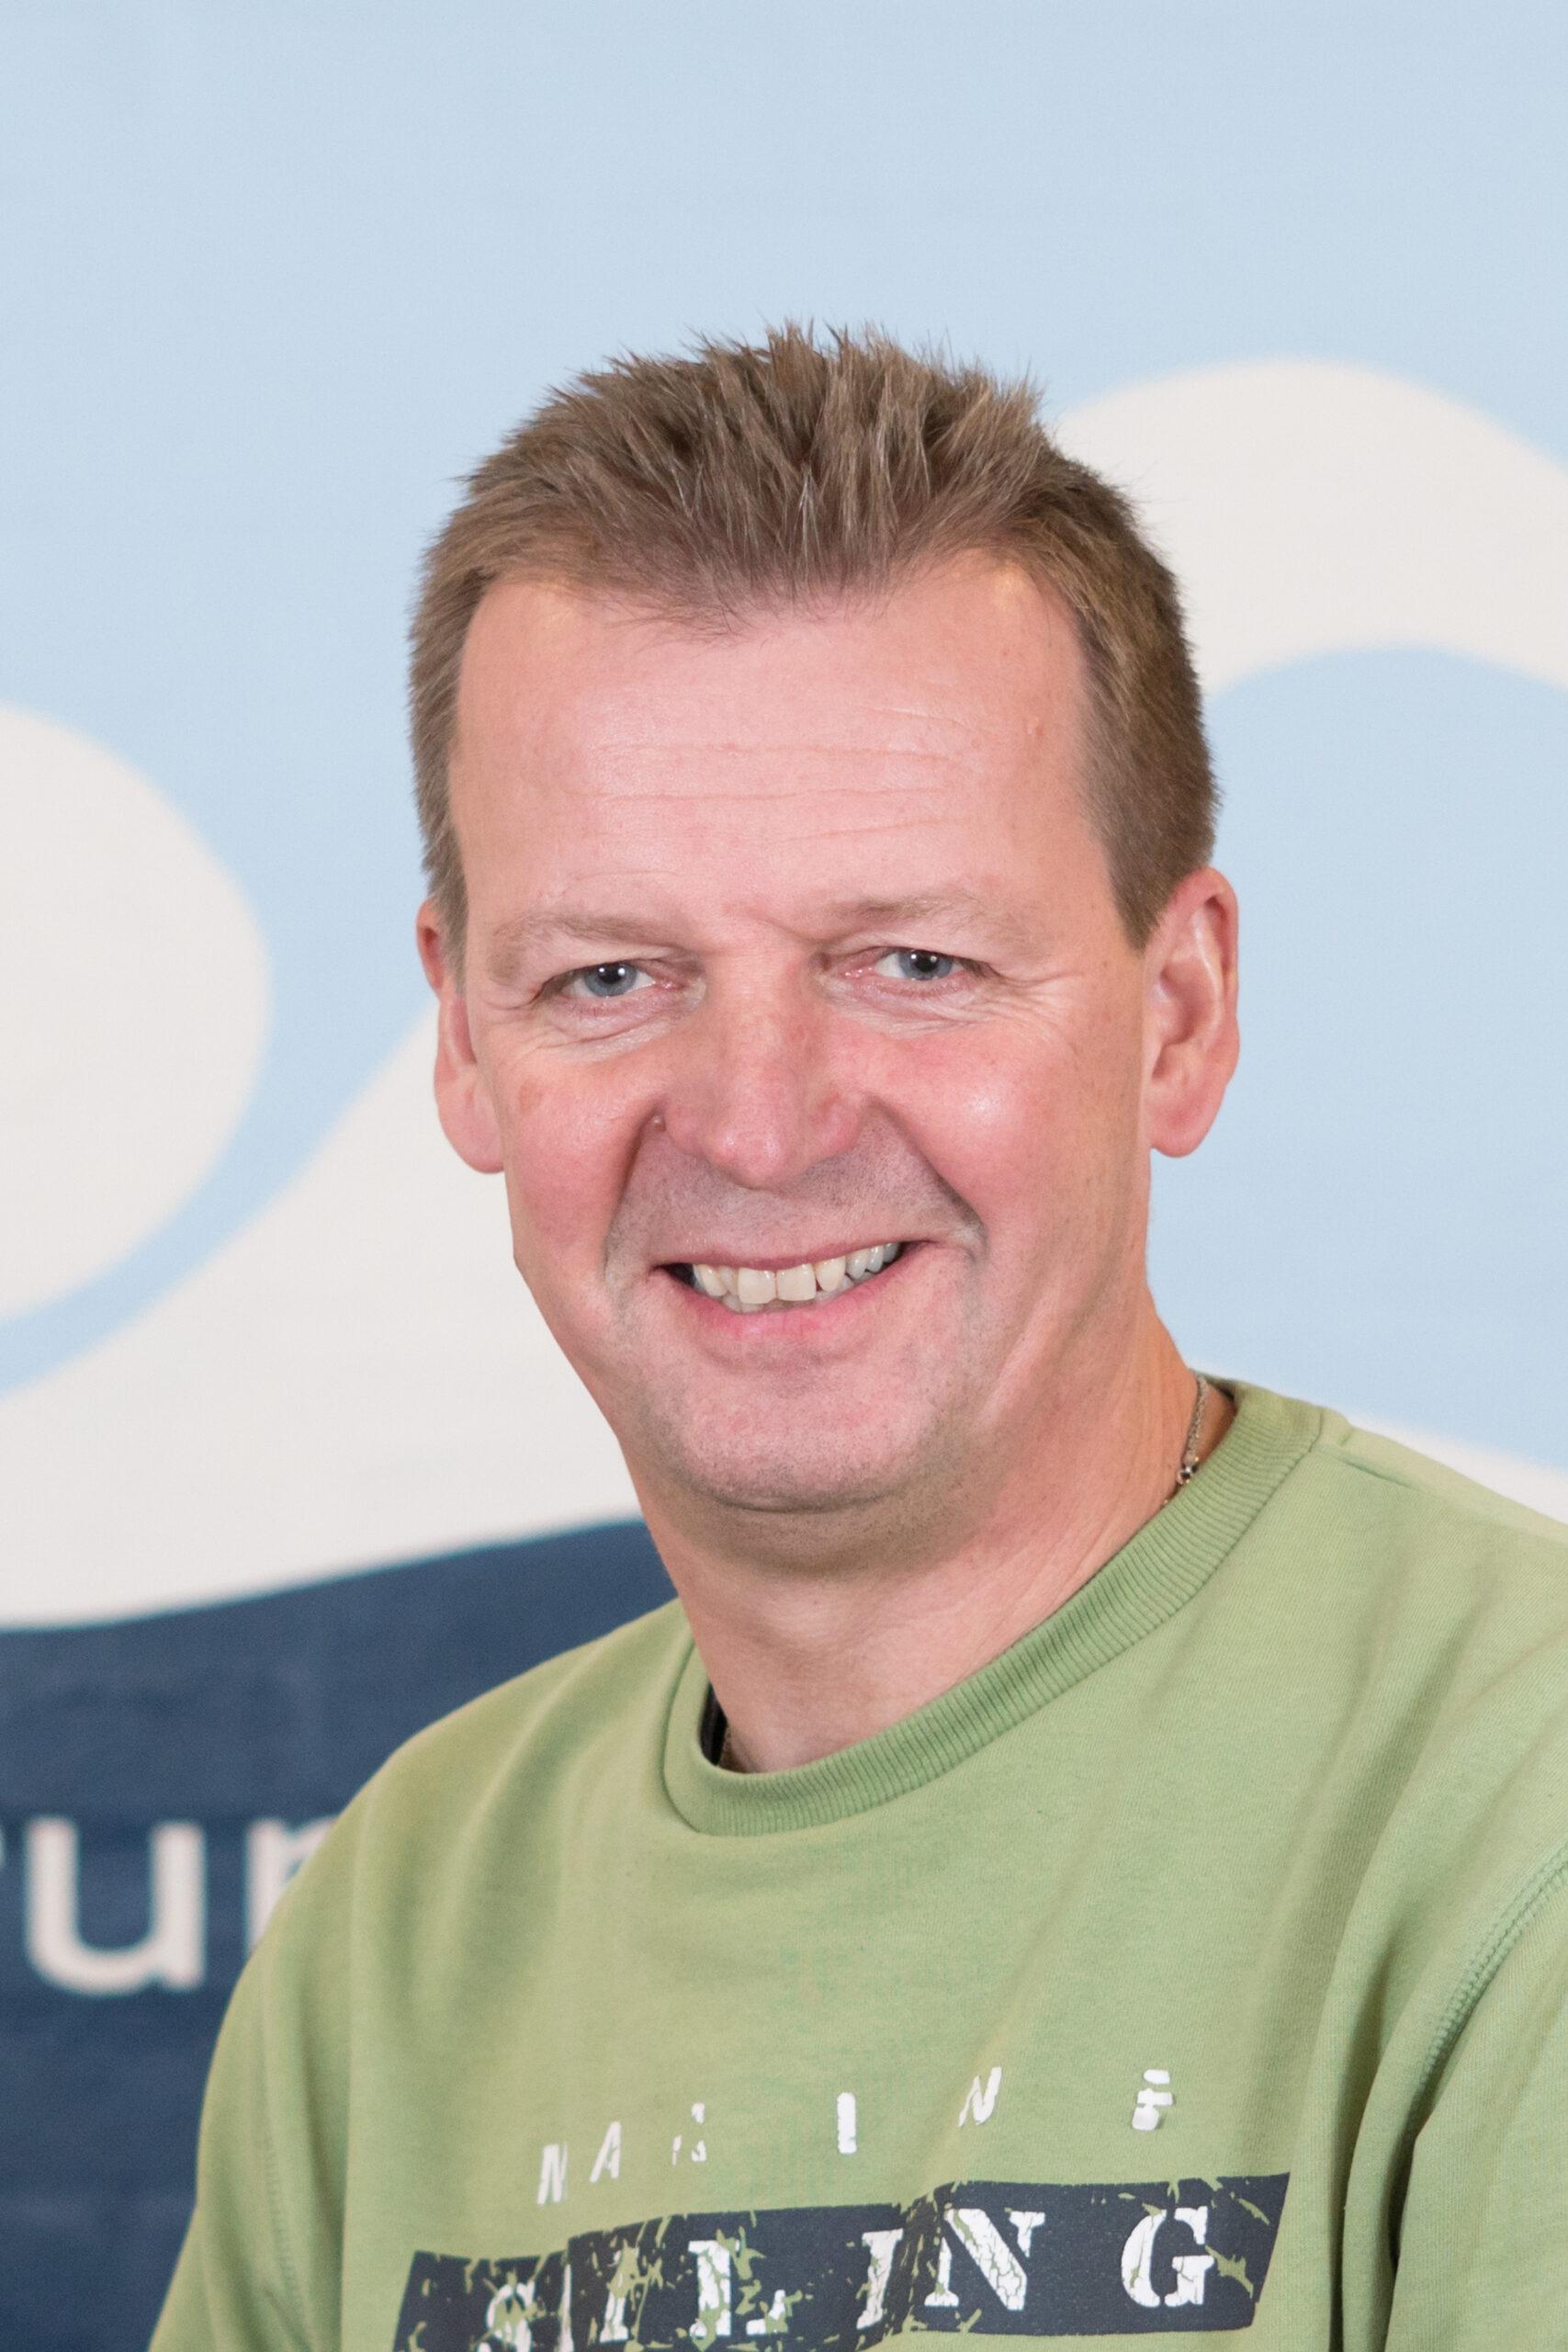 Flemming Juul